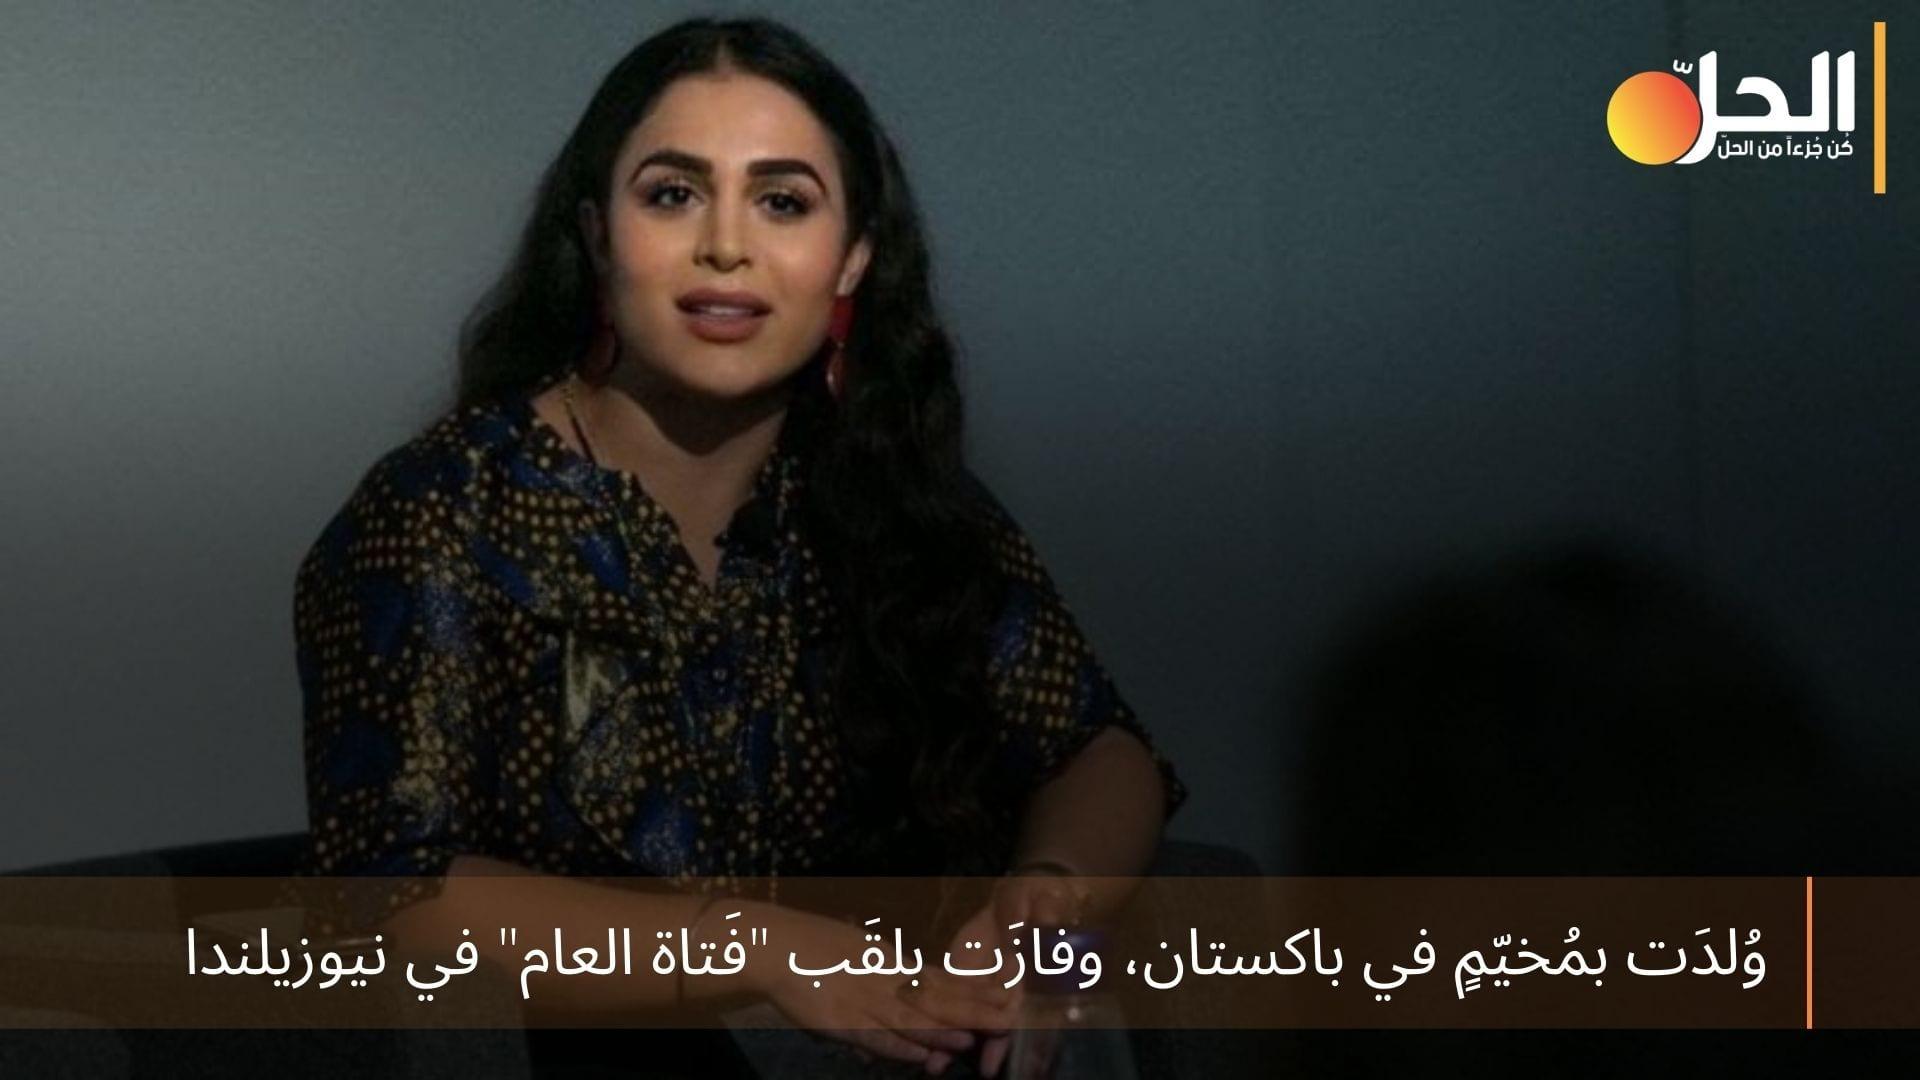 """شابّة «كُرديّةٌ عراقية» تفوز بجائزة """"التأثير الدولي"""" في نيوزيلندا.. هذه حكايتها"""